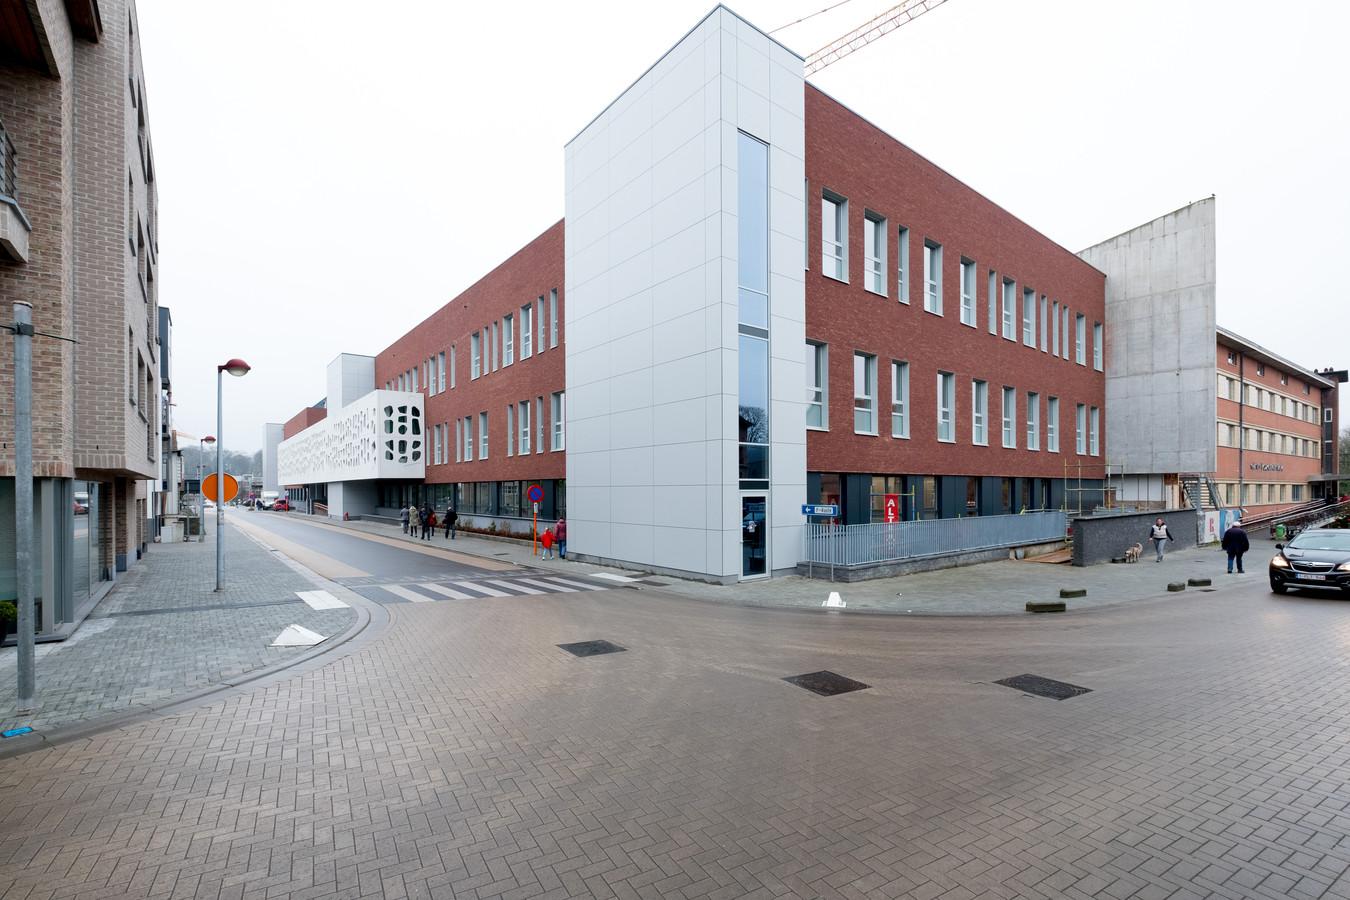 BORNEM - bezoek aan de nieuwbouw van de Sint-Jozef Kliniek - EDT - Foto David Legreve